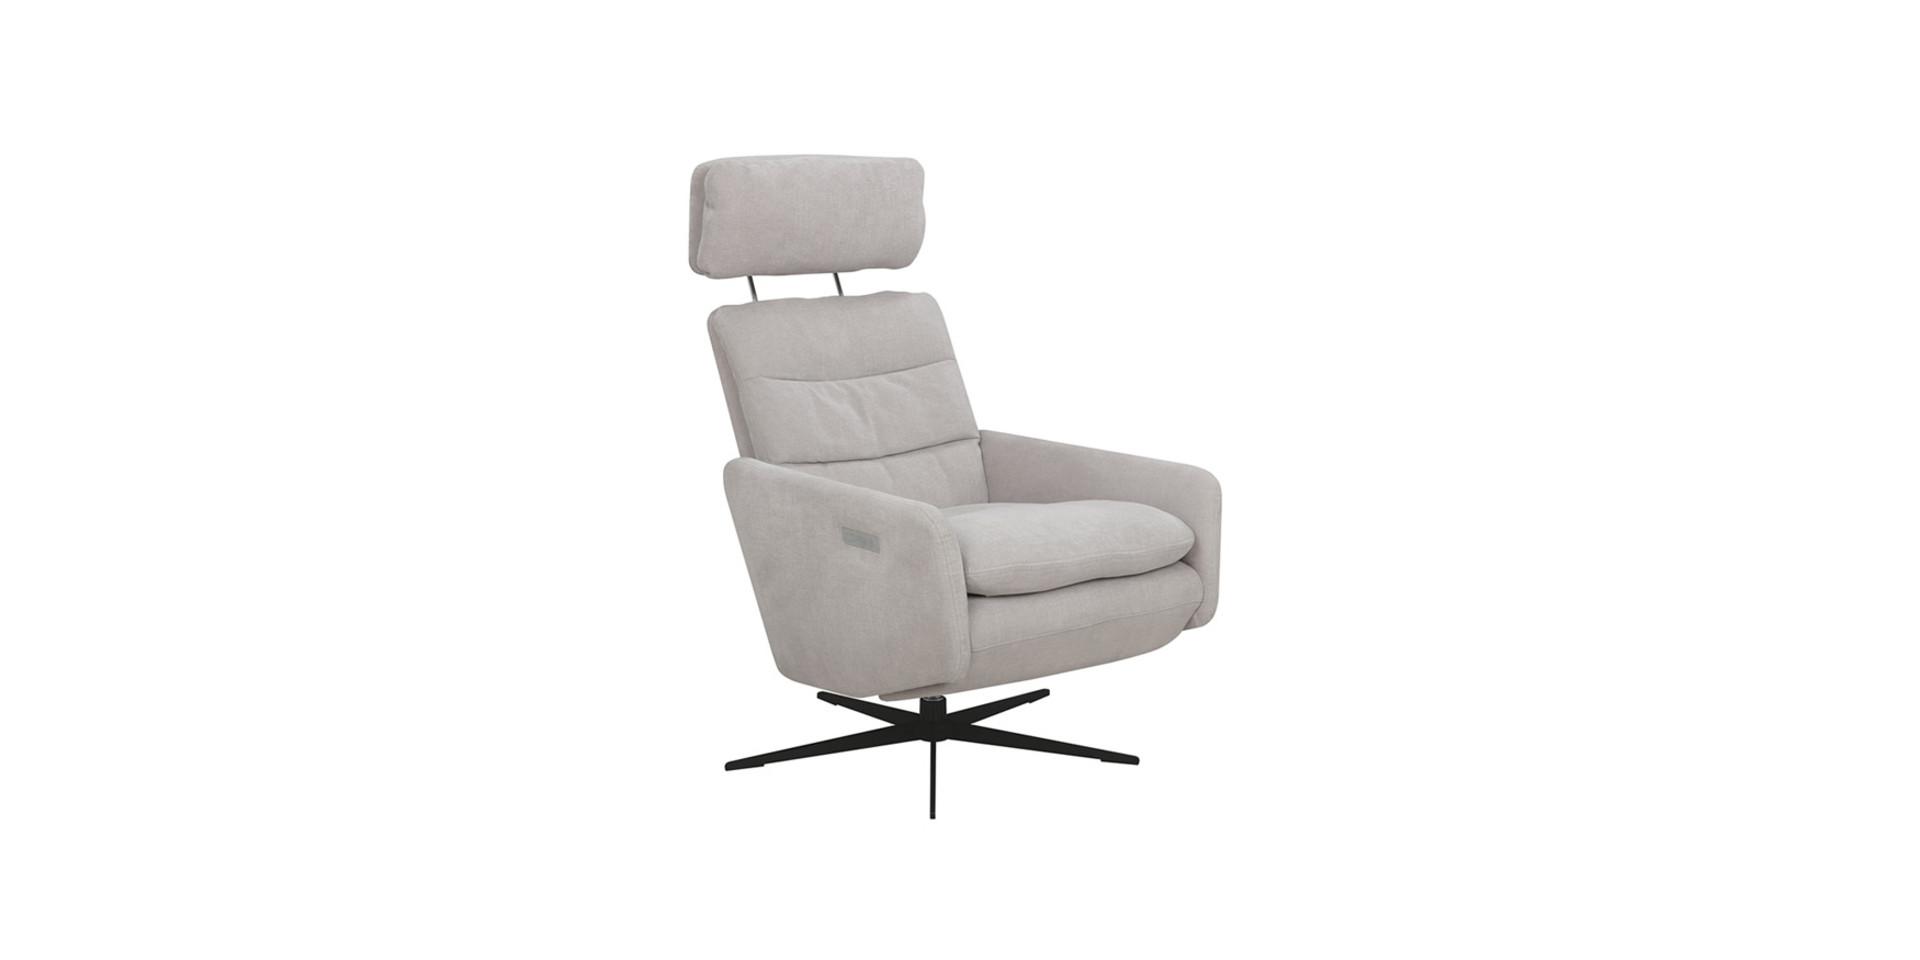 LIV_armchair_caleido10996_grey-beige_4